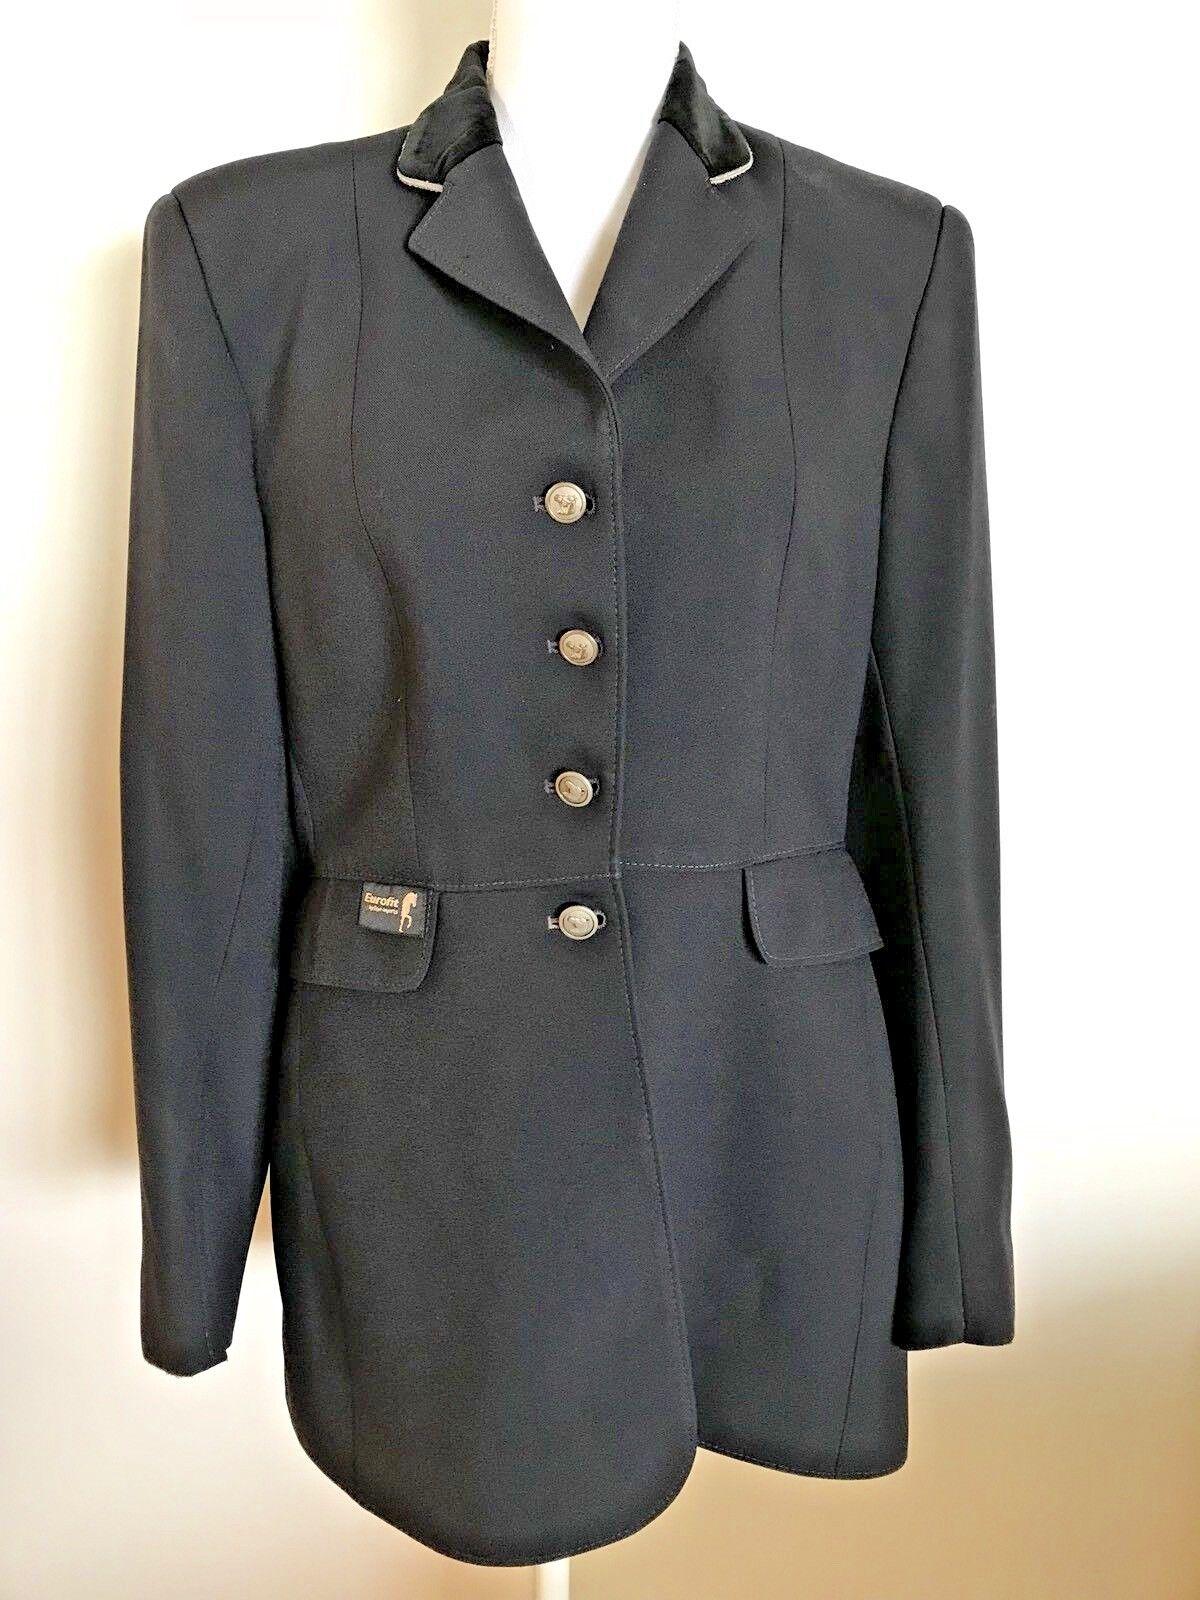 Equifit Doma Chaqueta de abrigo de terciopelo negro 30L Negro mostrar cuello chaqueta de montar a caballo